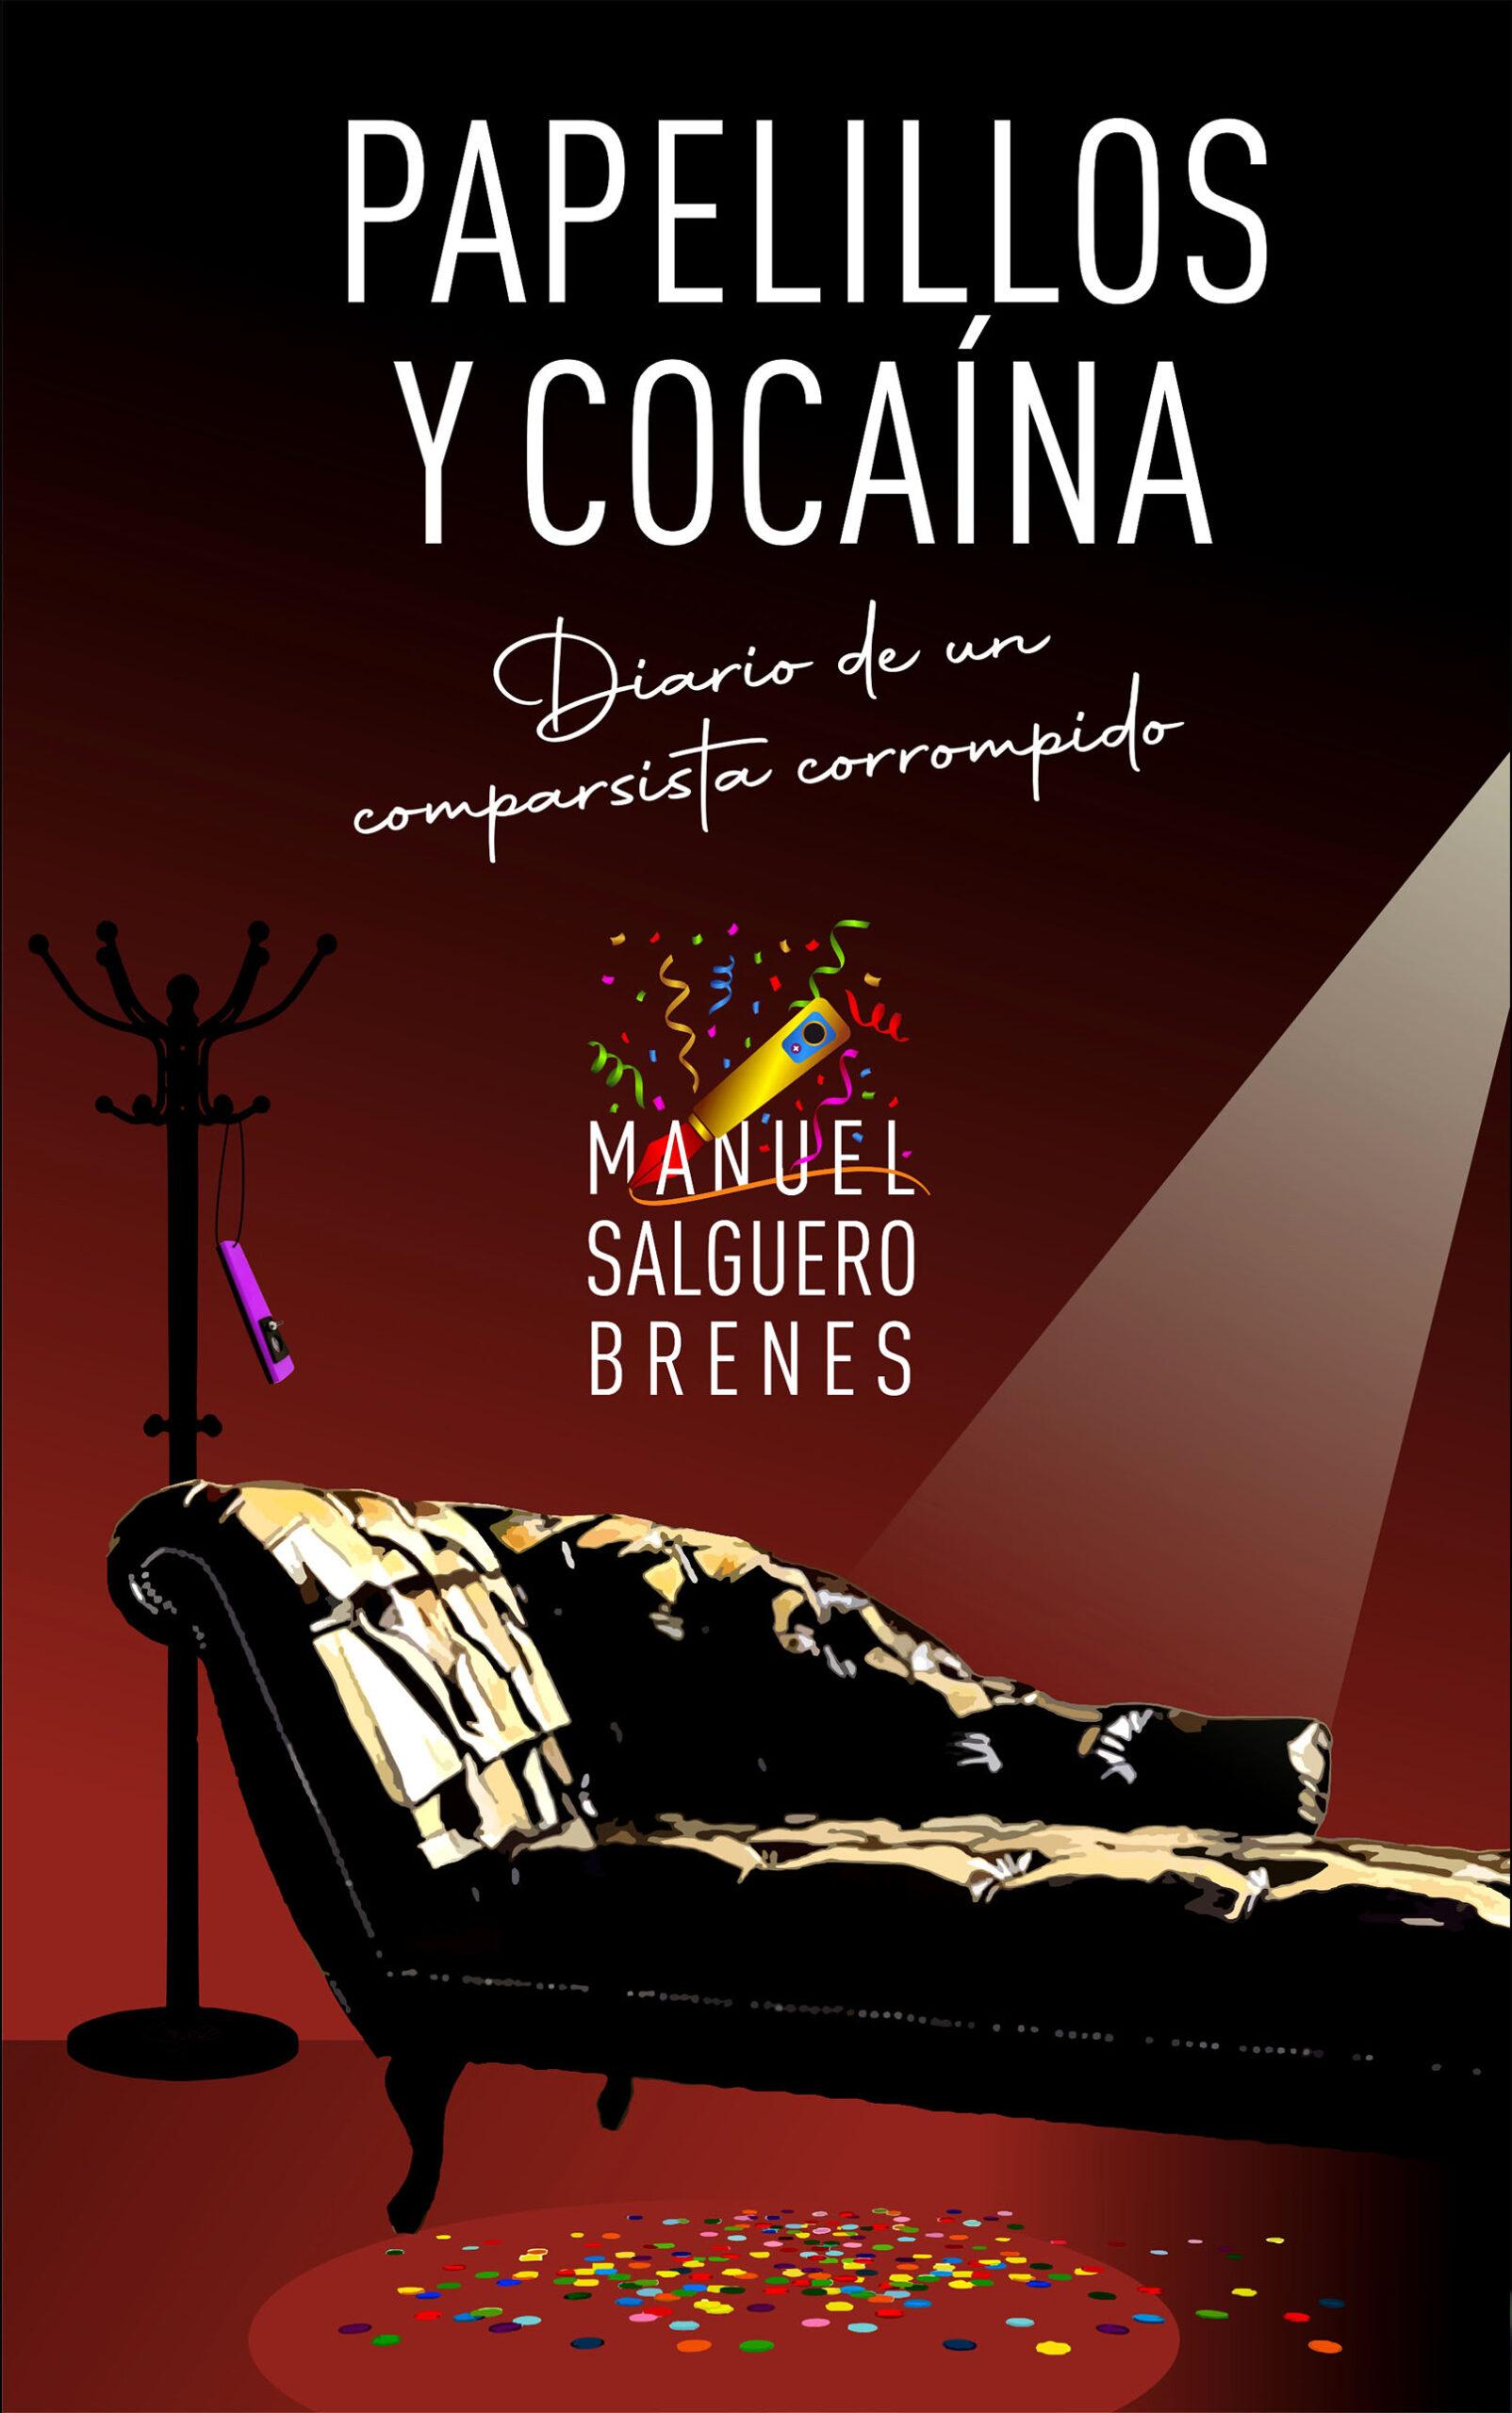 Papelillos y cocaína, de Manuel Salguero Brenes